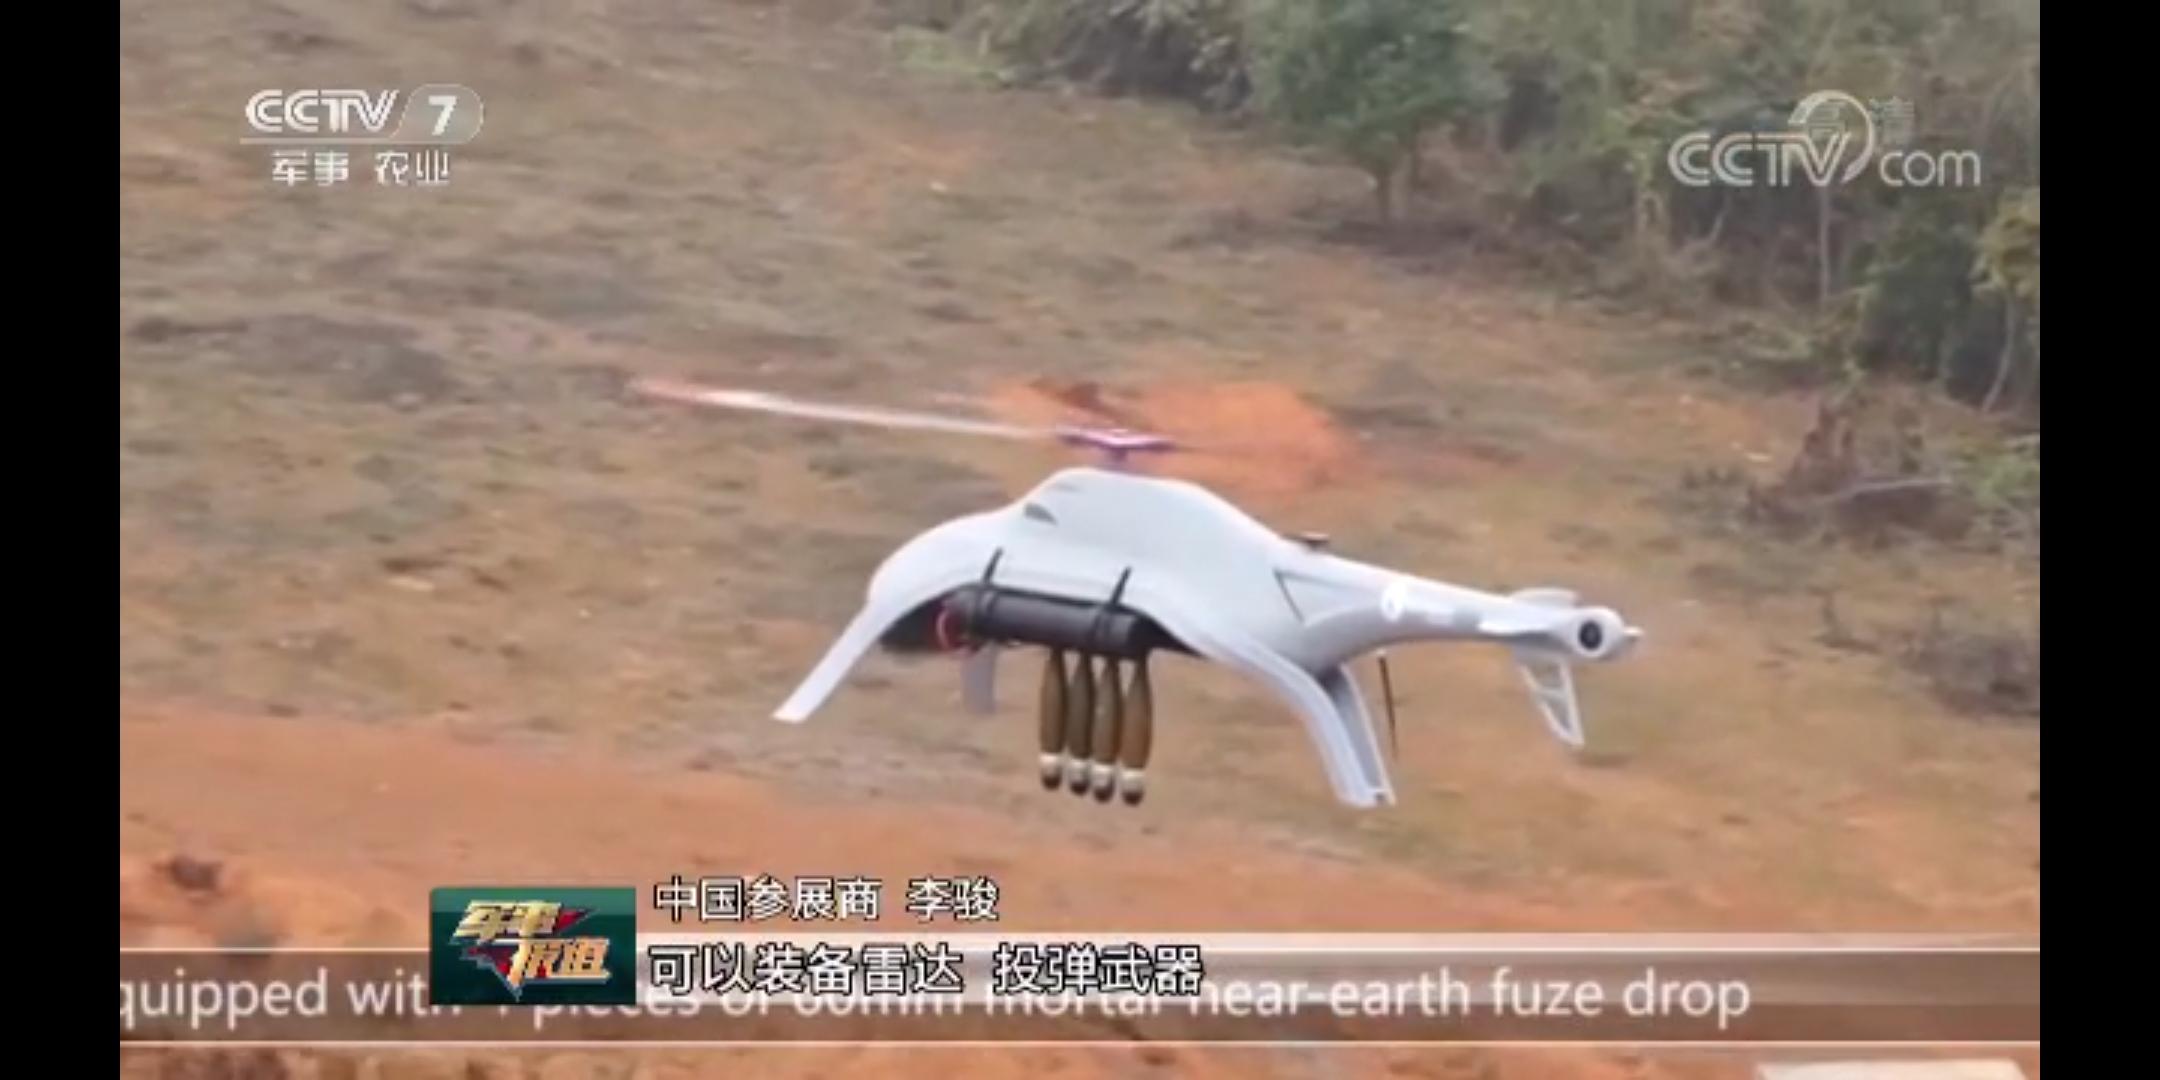 Испытания китайского дрона-бомбардировщика вертолетного типа